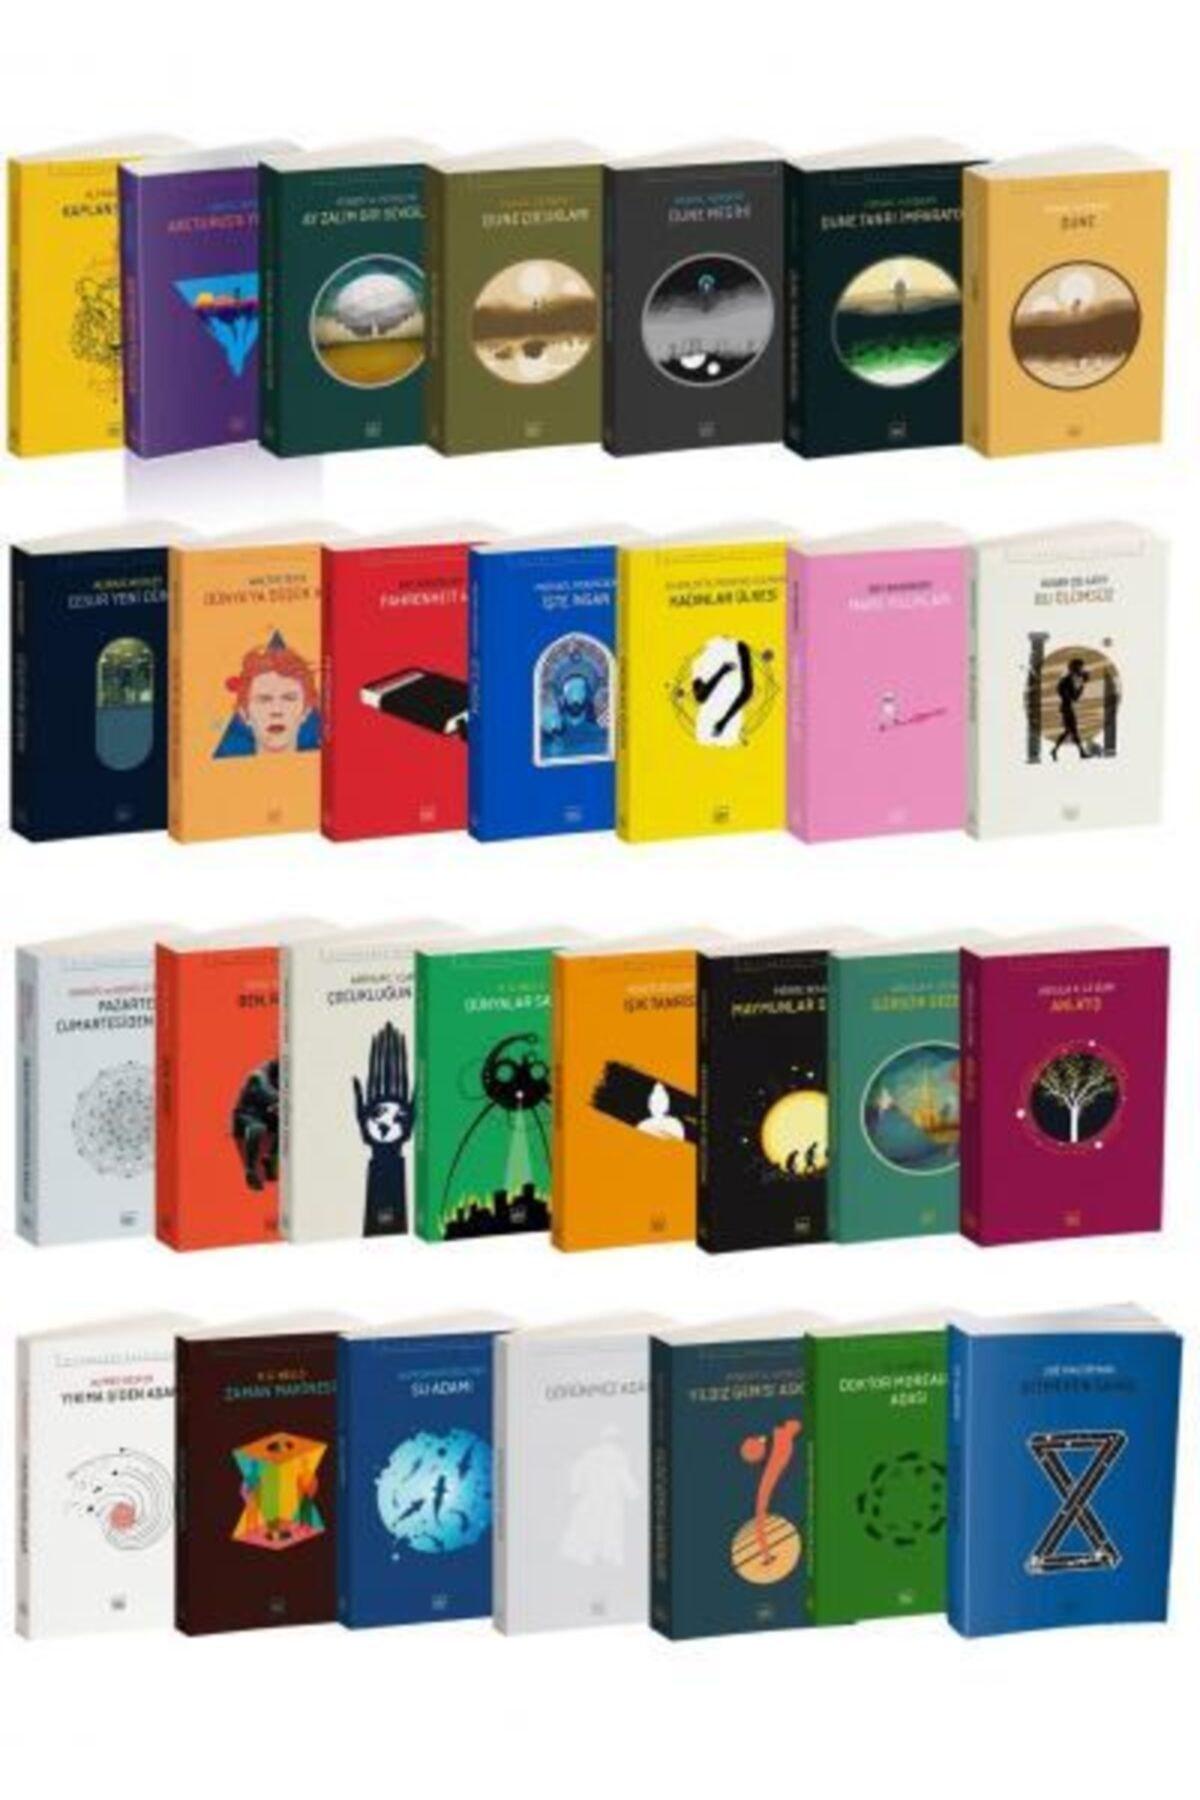 İthaki Yayınları Bilimkurgu Klasikleri 51 Kitap Takım 1